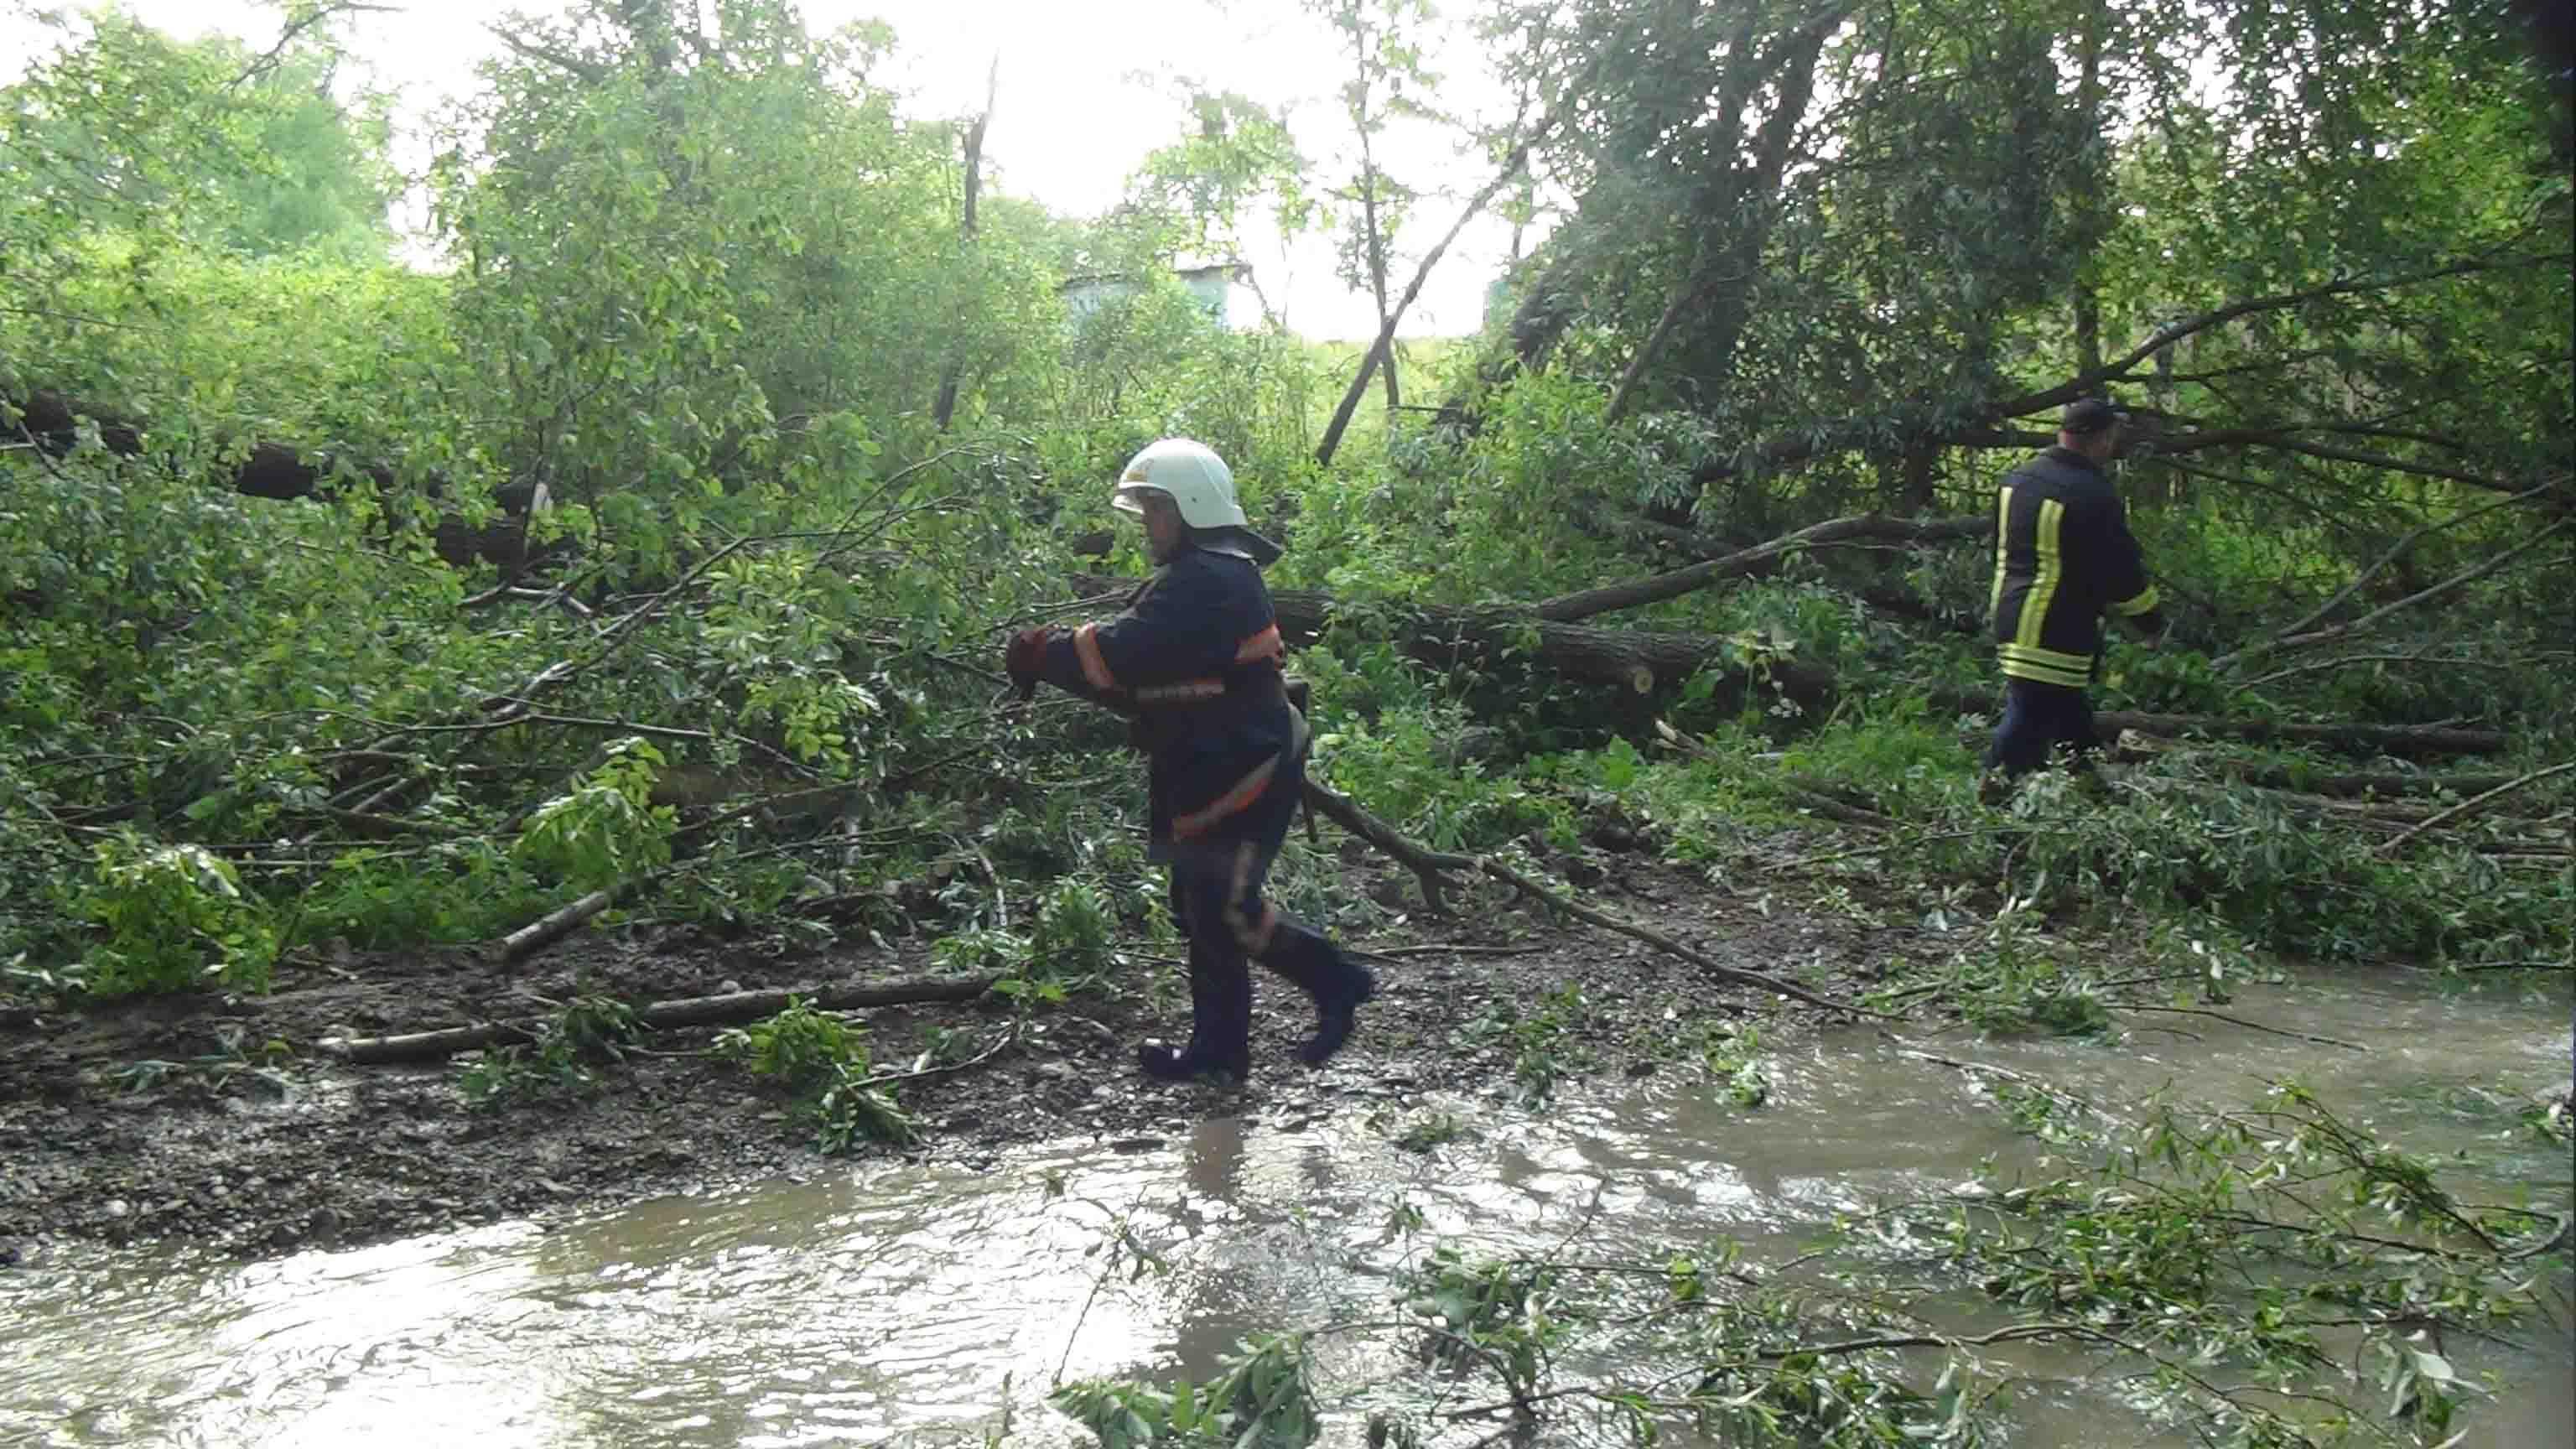 Негода на Прикарпатті: рятувальники здійснили вже понад 170 виїздів (ФОТО, ВІДЕО)